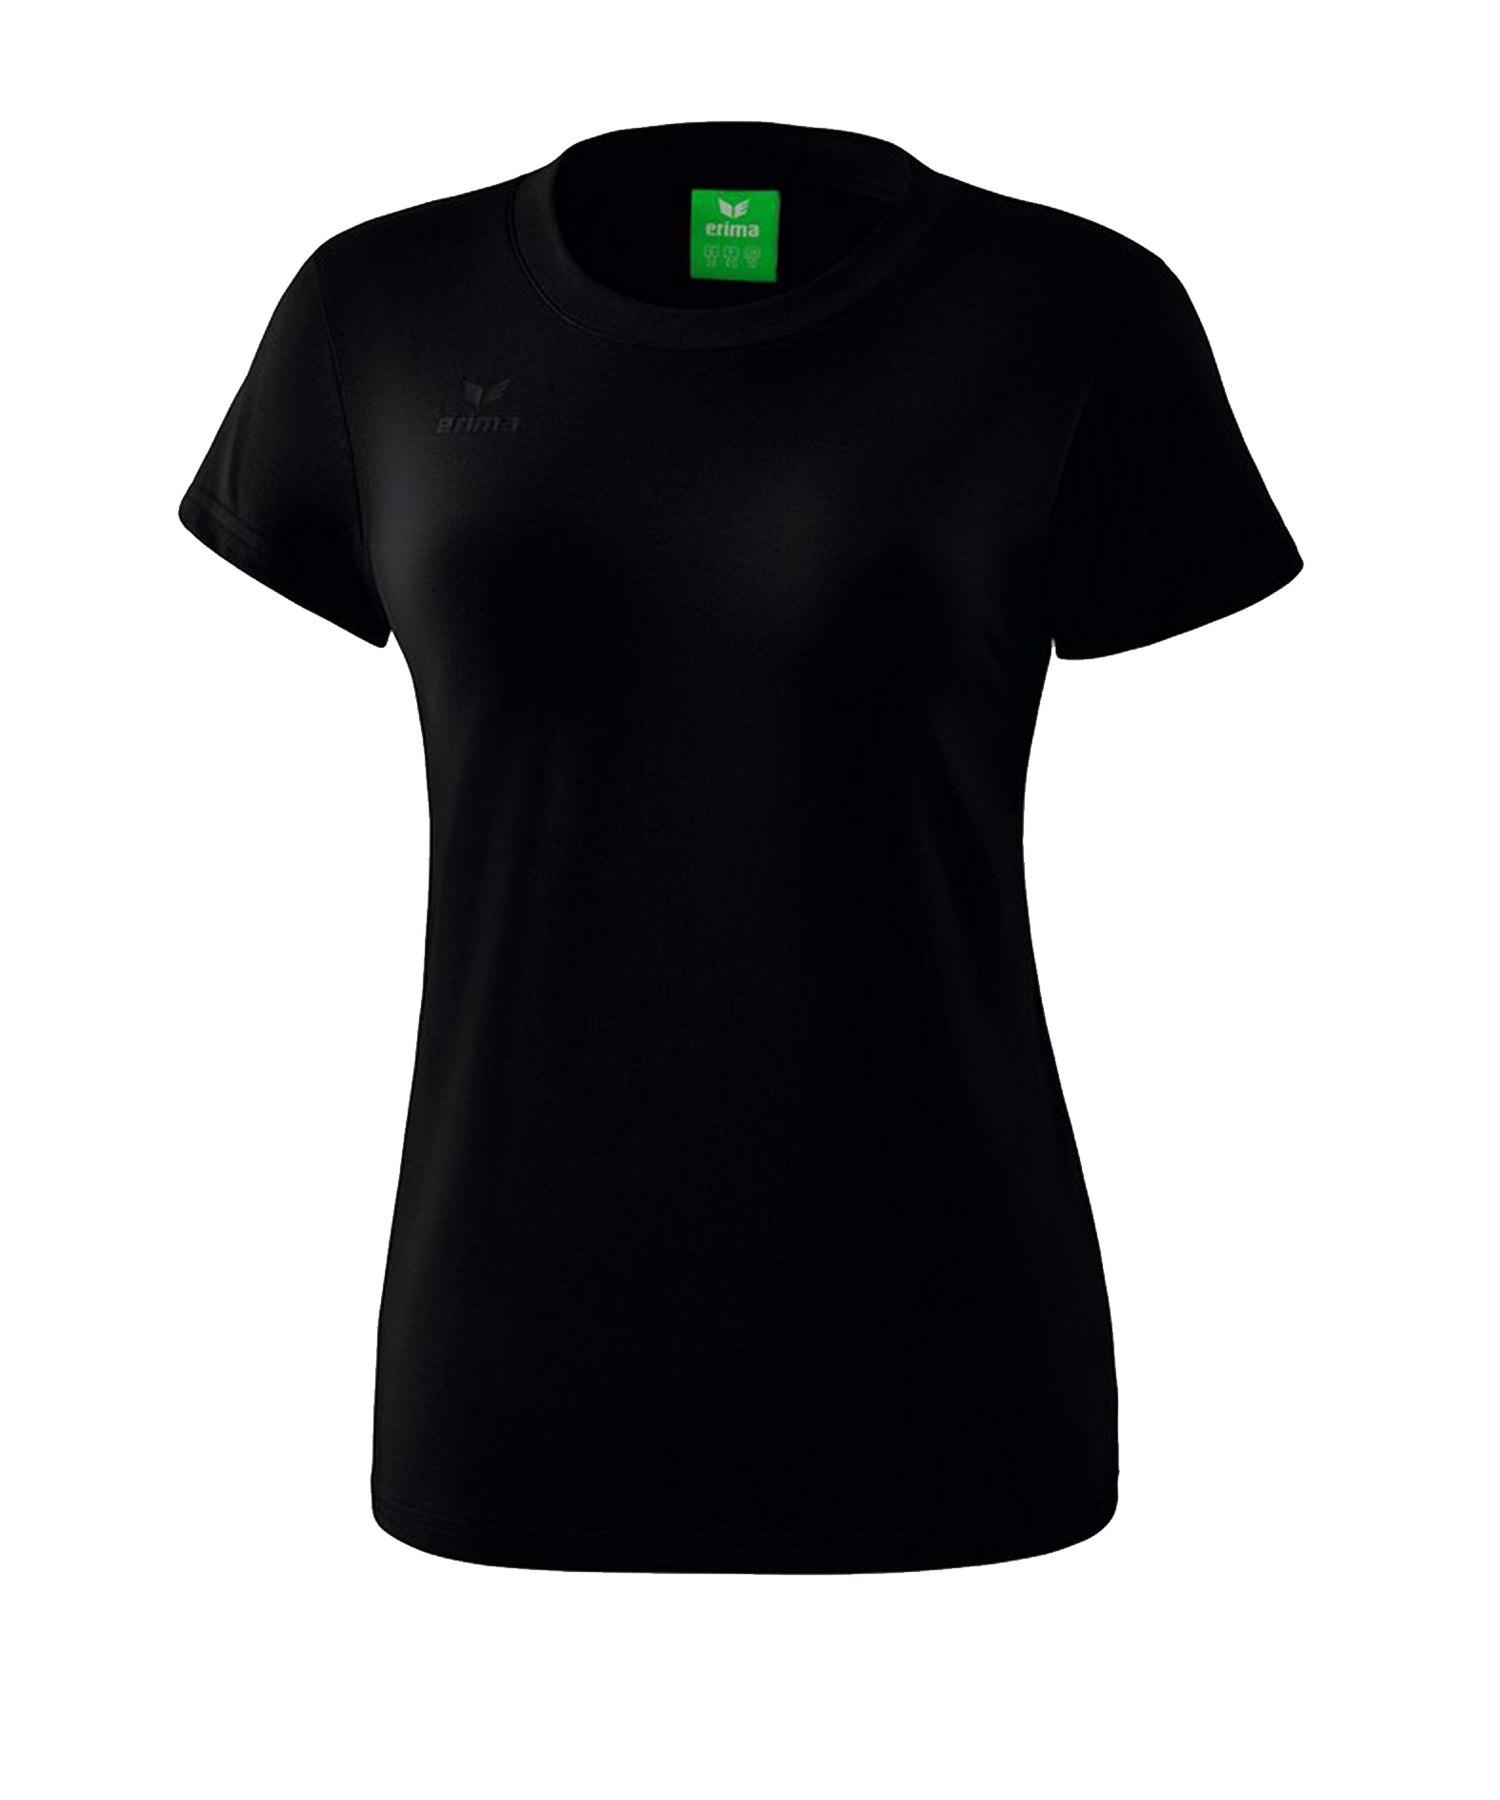 Erima Style T-Shirt Damen Schwarz - Schwarz